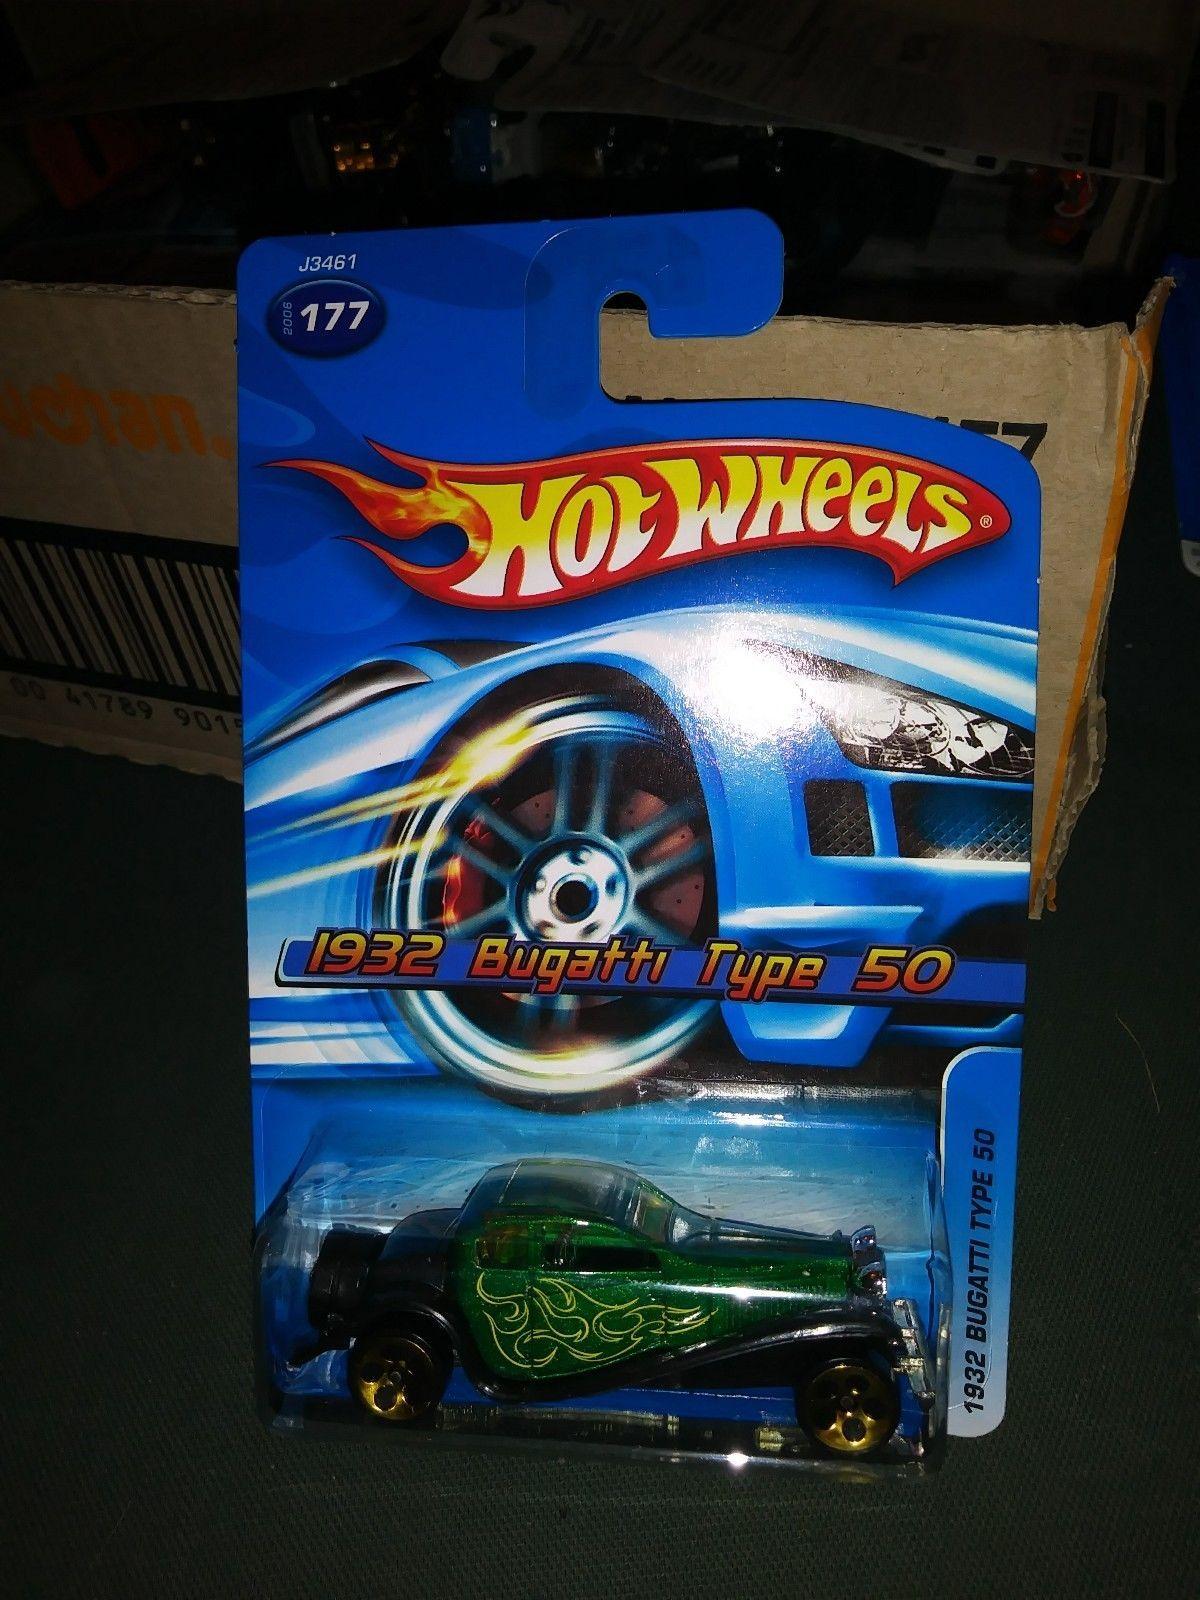 8c05efade2948bf392a4afd0ba9ab276 Elegant Bugatti Veyron toy Car Hot Wheels Cars Trend